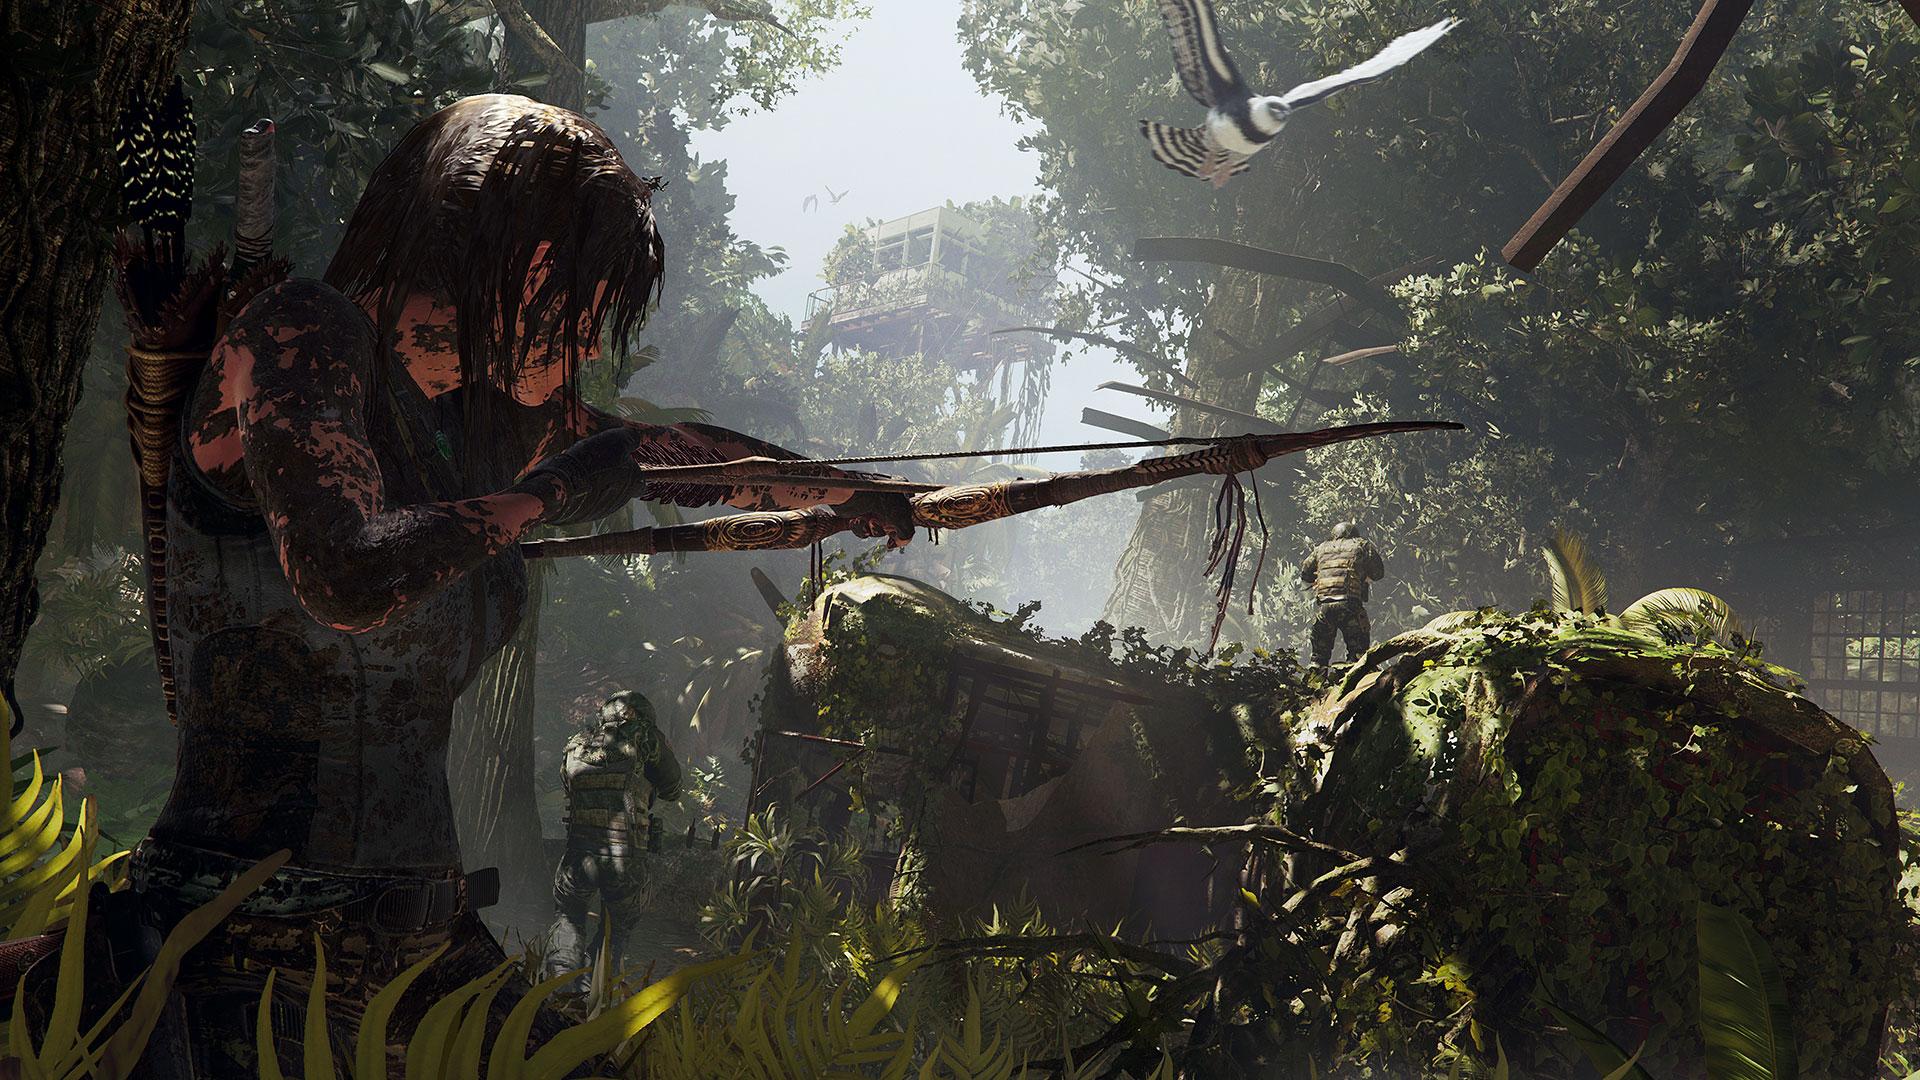 Mit ihrem Bogen kann Lara Gegner lautlos ausschalten